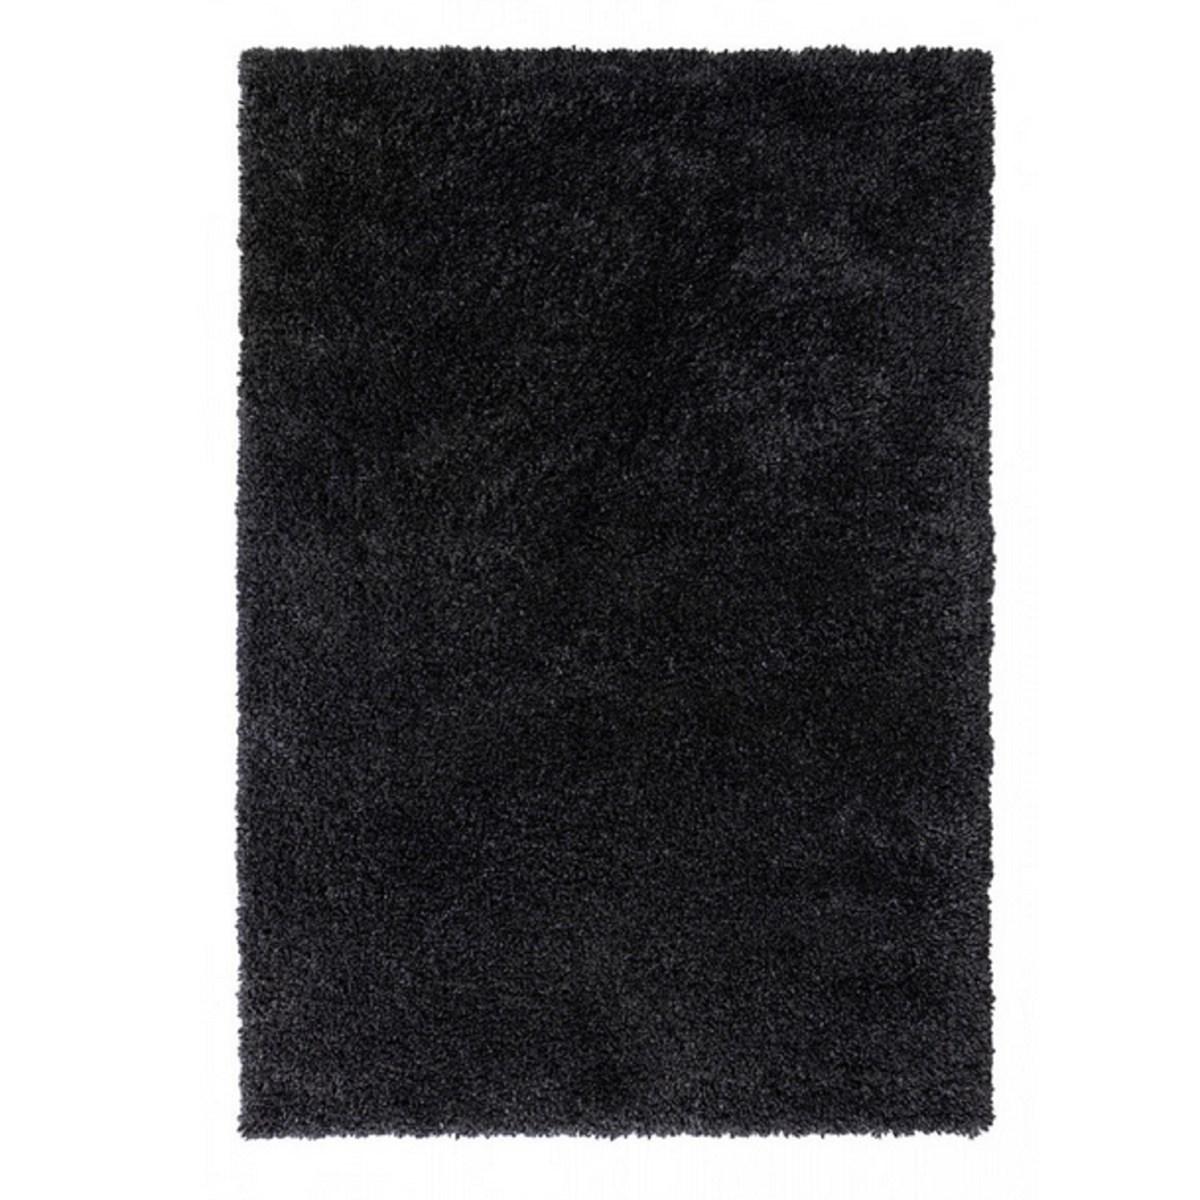 Tapis shaggy en Polypropylène Noir 200x290 cm